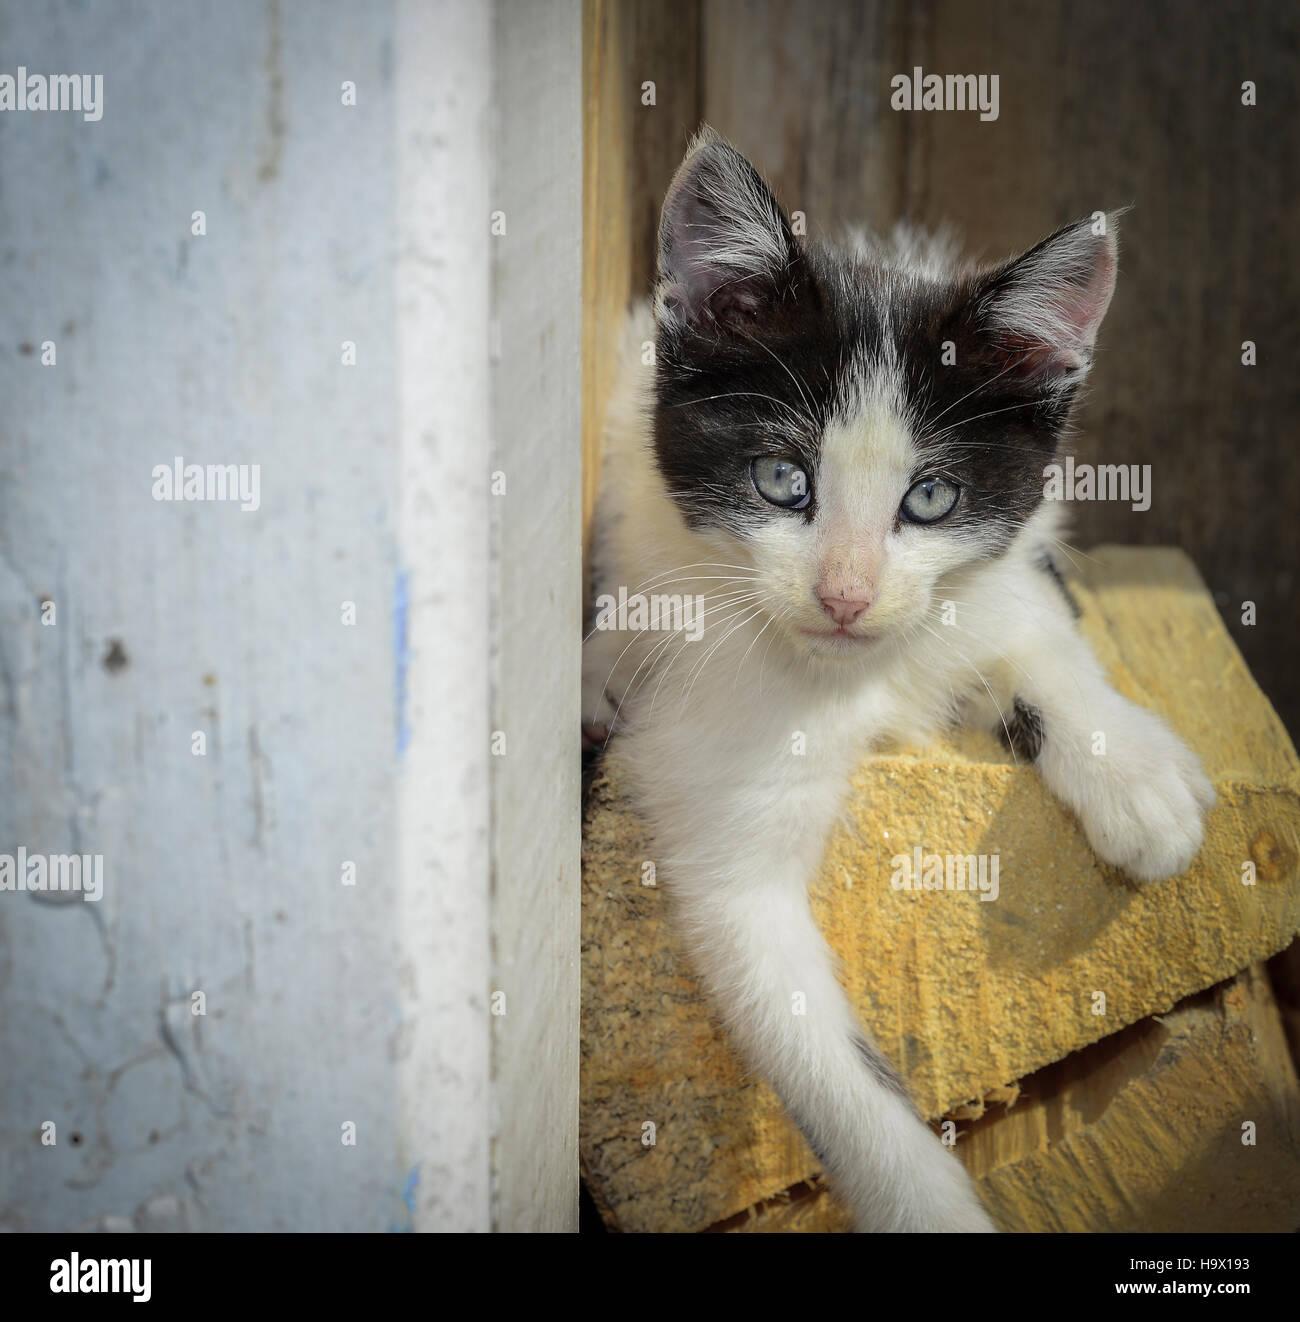 Gatti di piccole taglia Immagini Stock